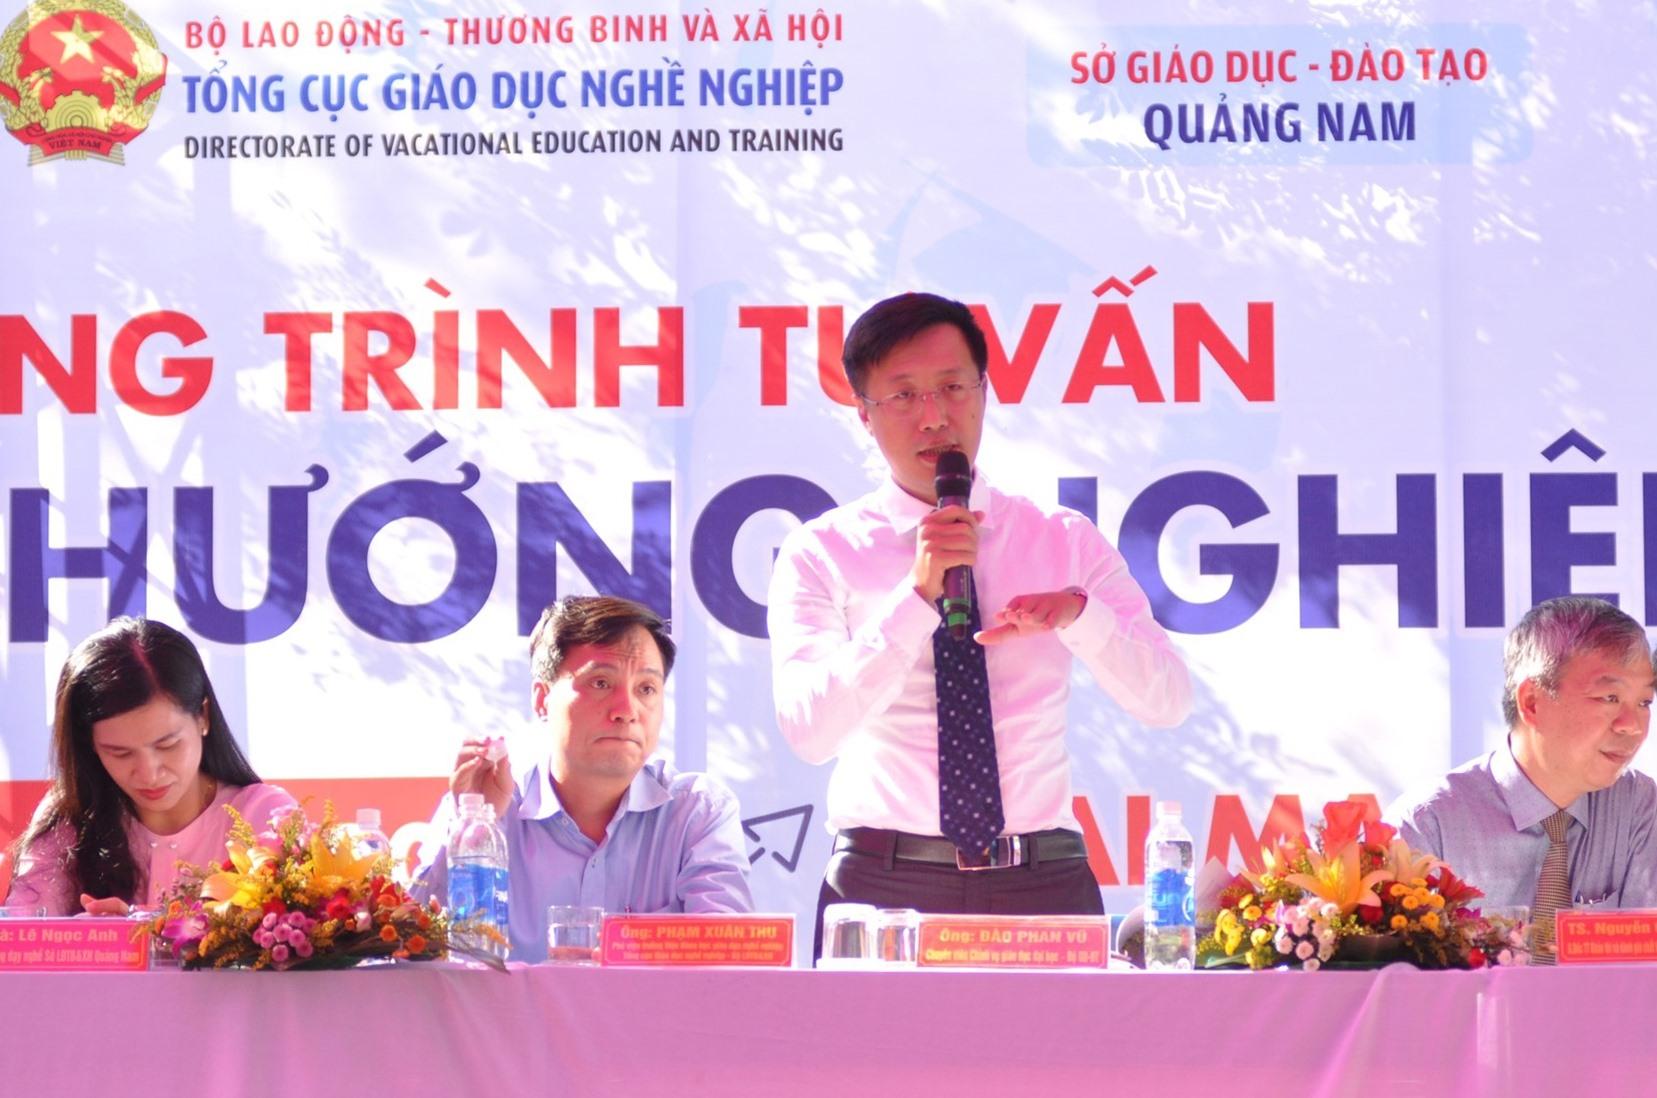 Ông Đào Phan Vũ - chuyên viên Vụ Giáo dục đại học giới thiệu một số điểm mới của kỳ thi tốt nghiệp THPT và tuyển sinh đại học. Ảnh: X.P